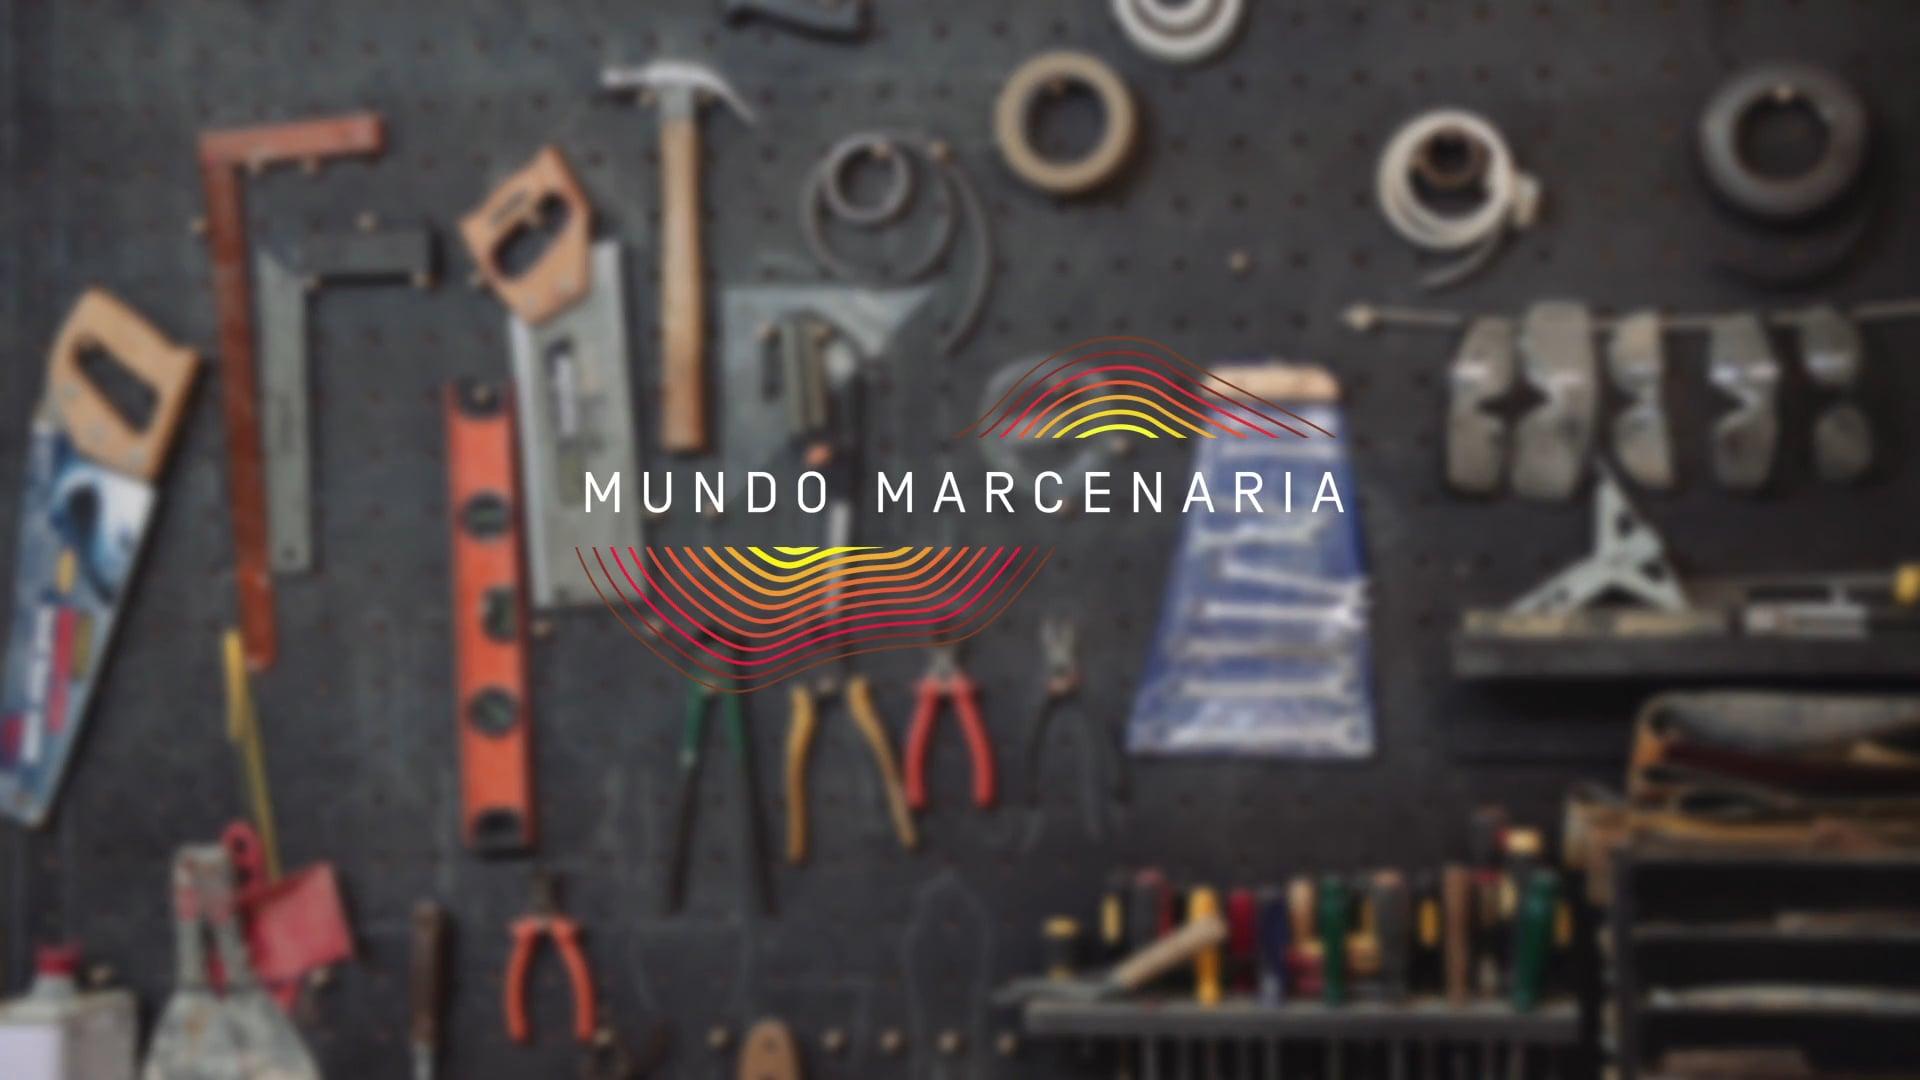 Workshop de Introdução à Marcenaria: Mundo Marcenaria